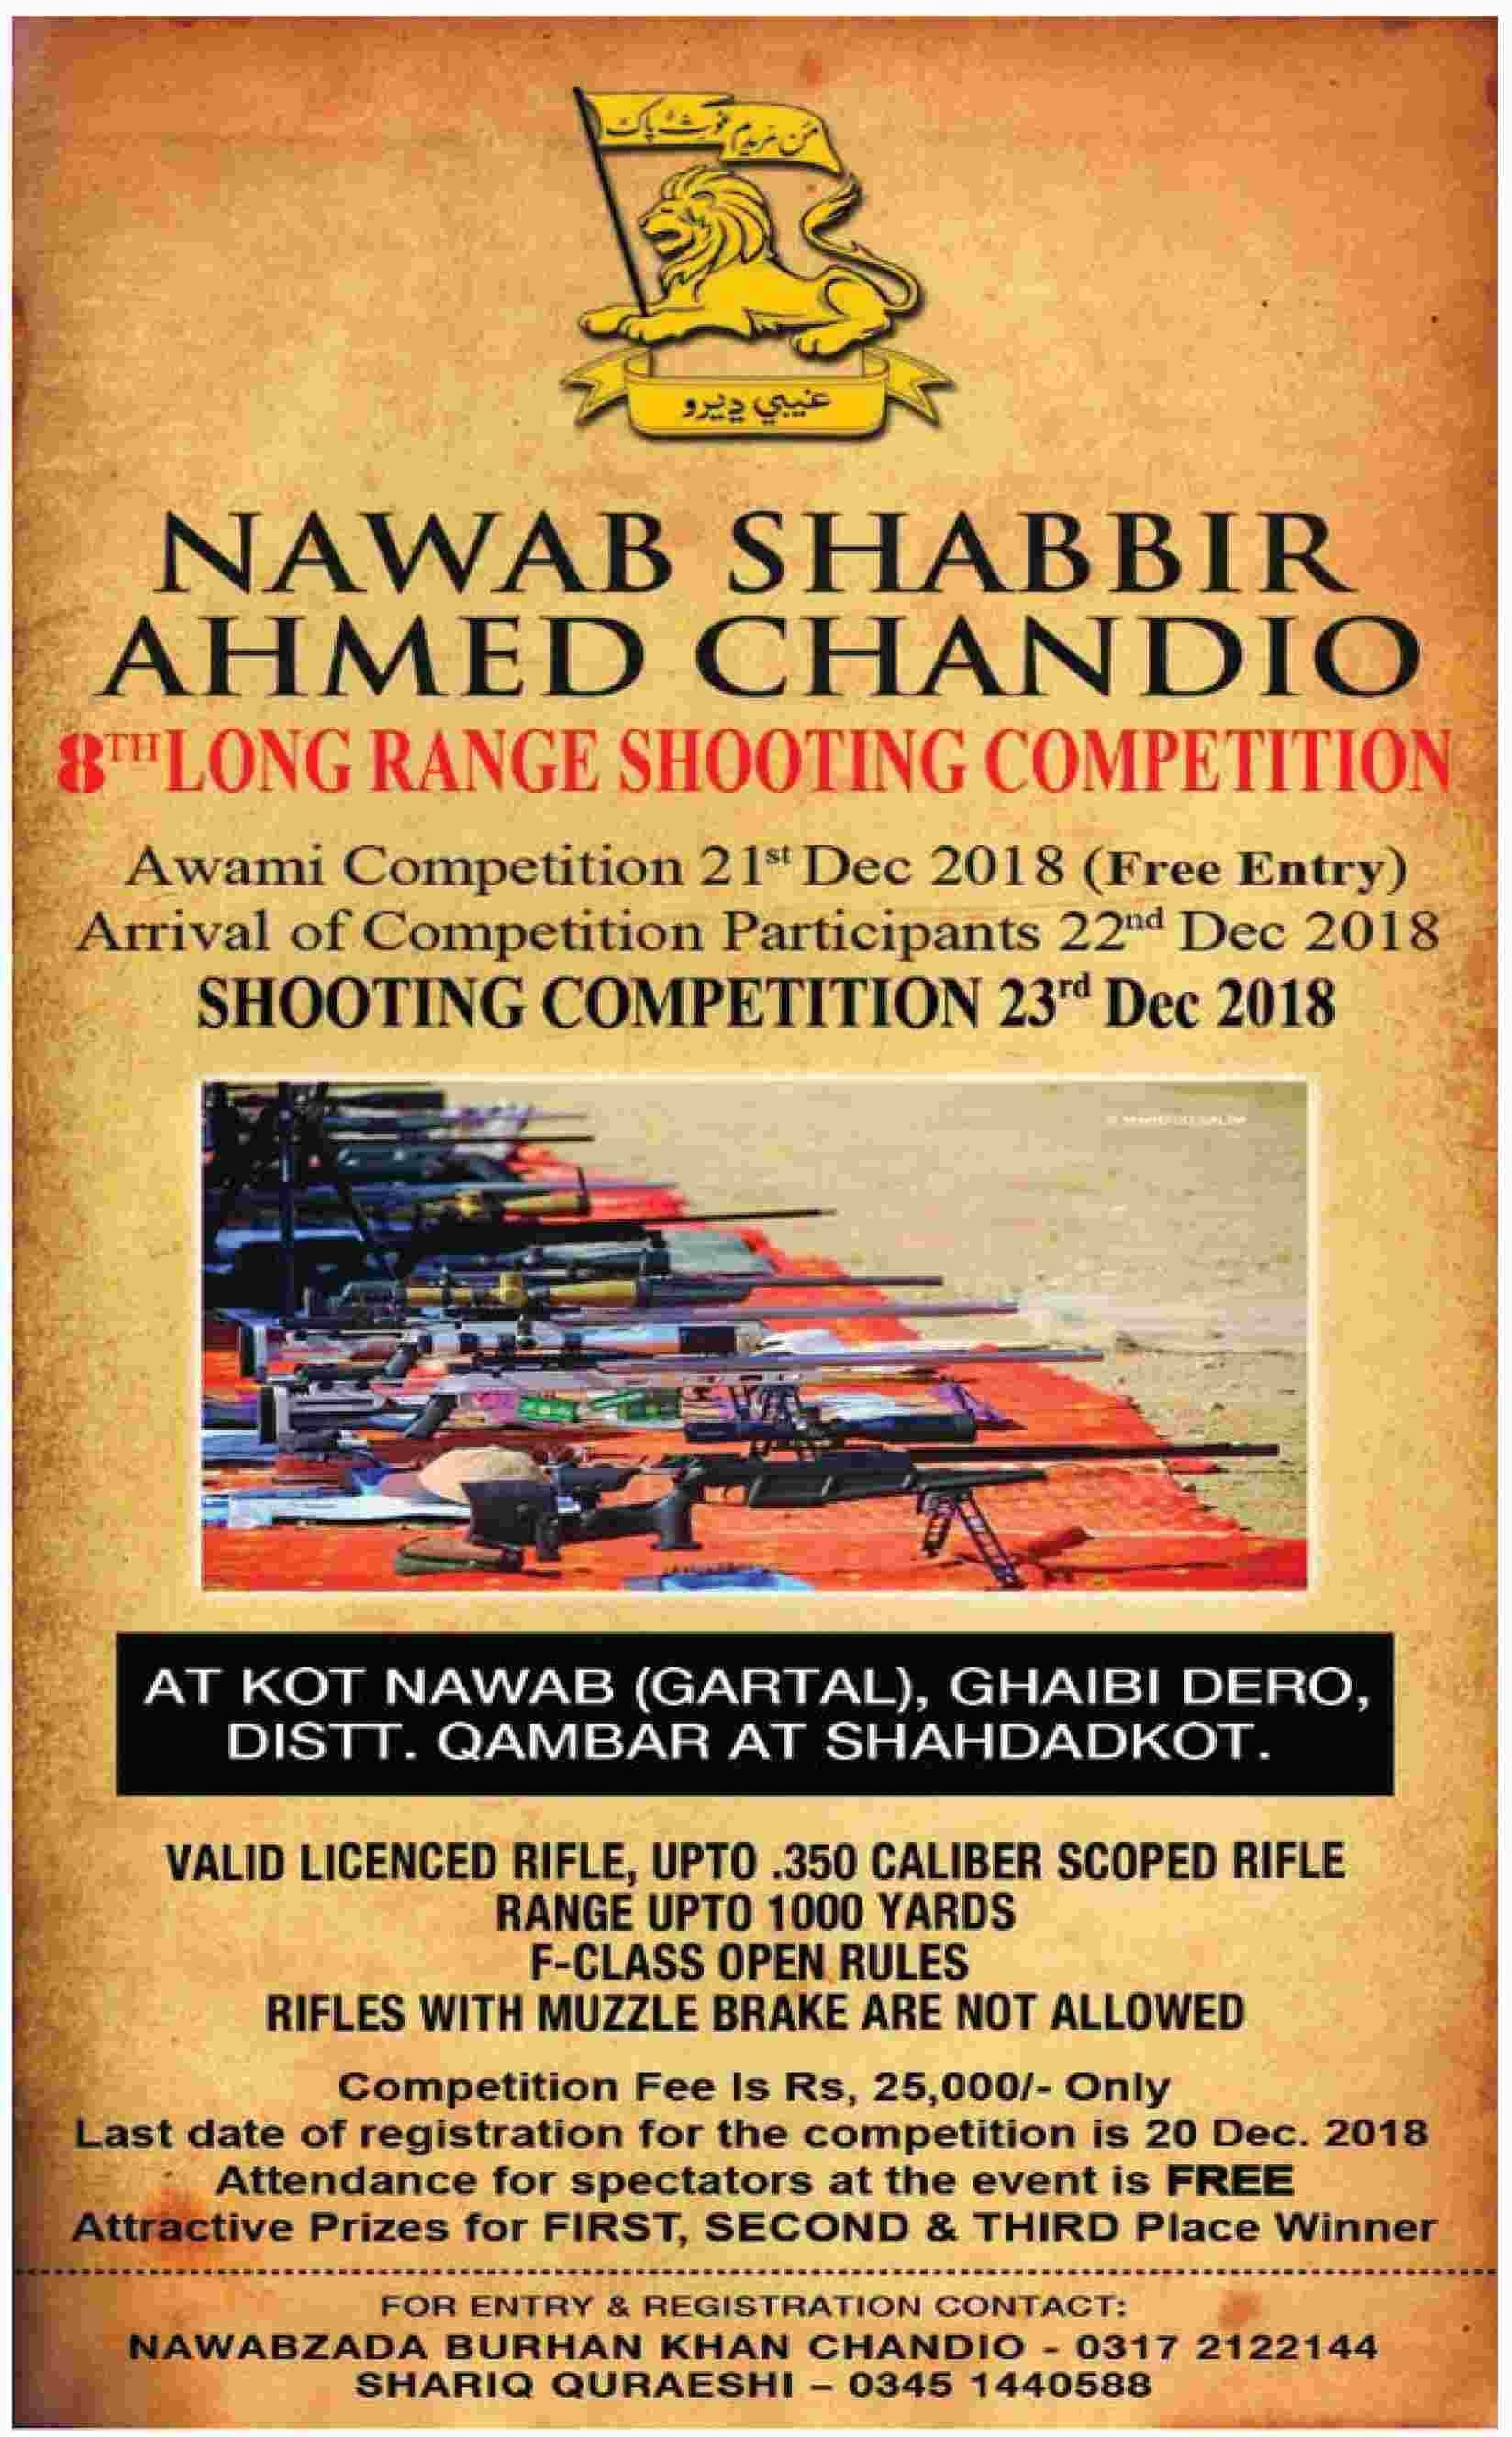 Nawab Shabbir Ahmed Chandio 8th Long Range Shooting Competition